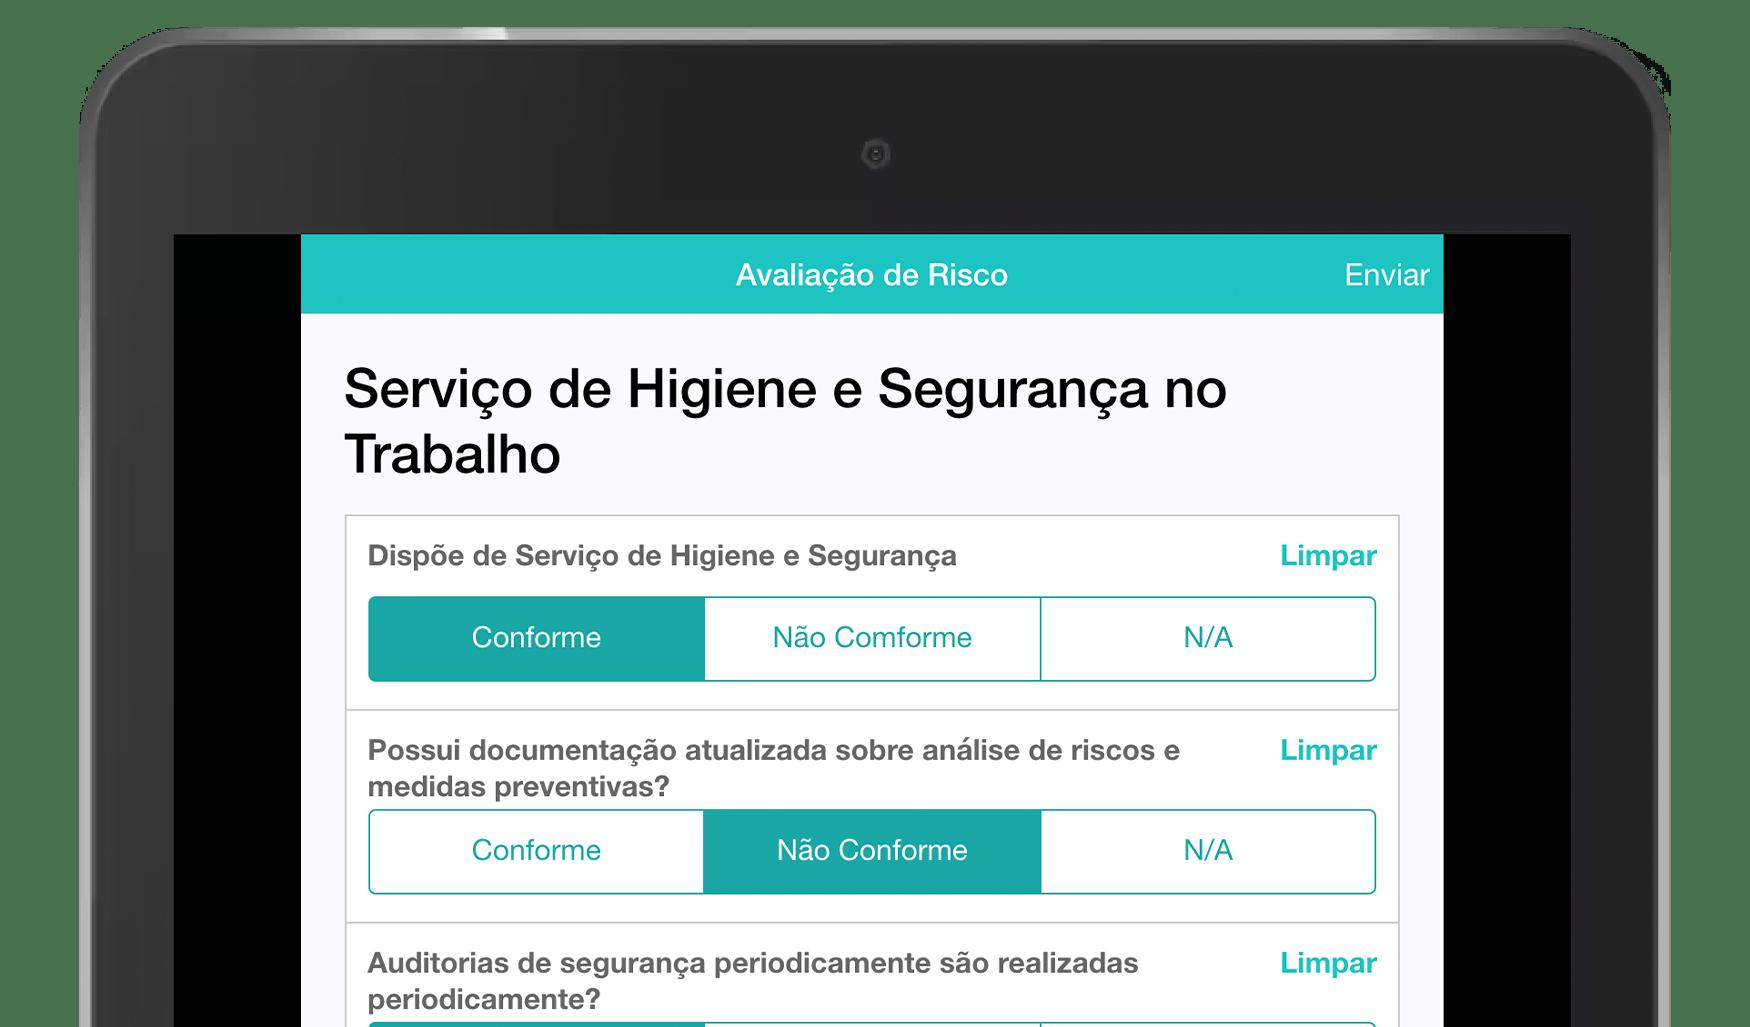 MoreApp Aplicação de Avaliação de Risco